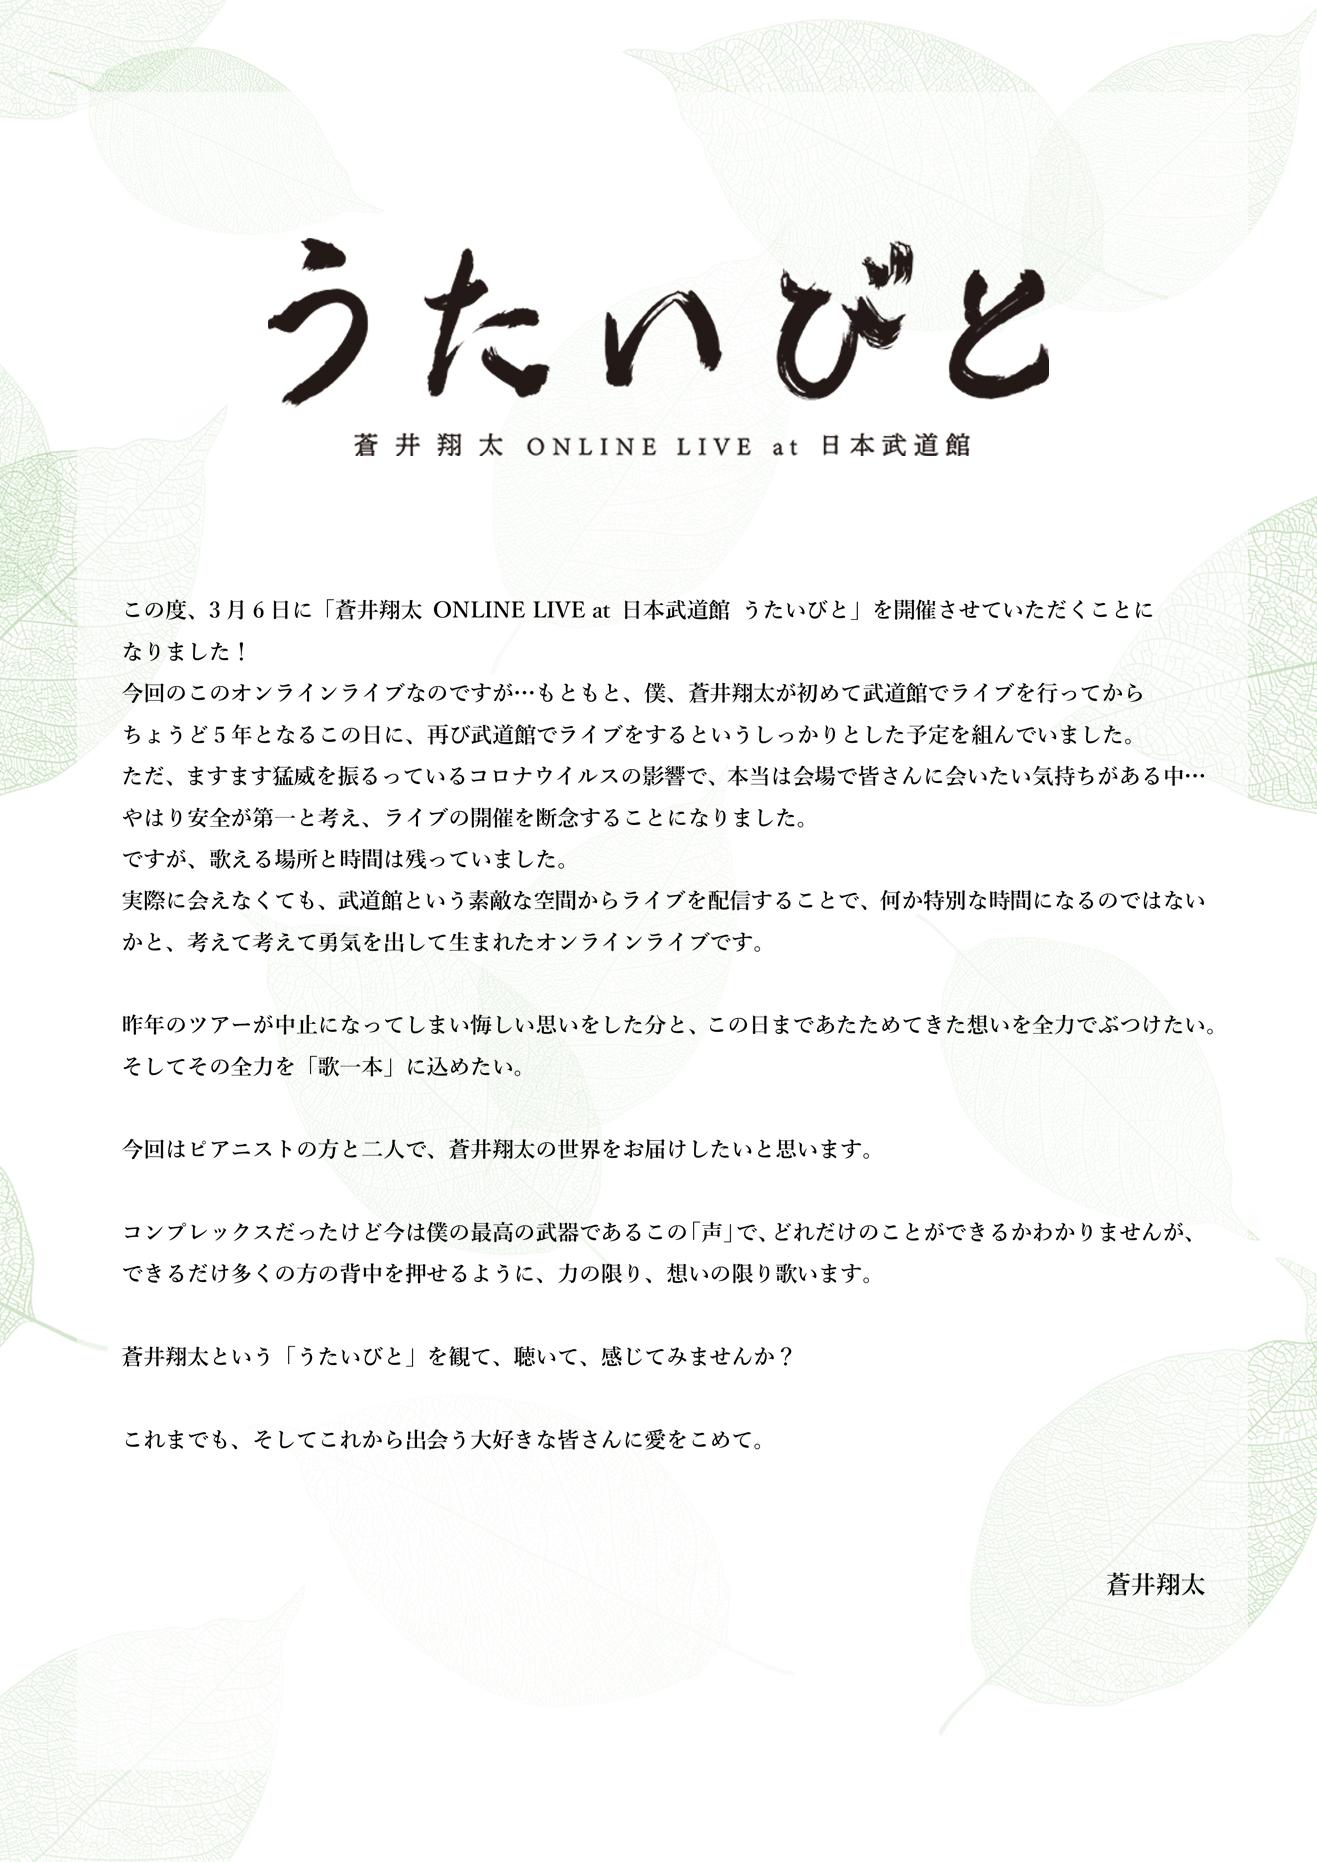 蒼井翔太 ONLINE LIVE at 日本武道館 うたいびと コメント